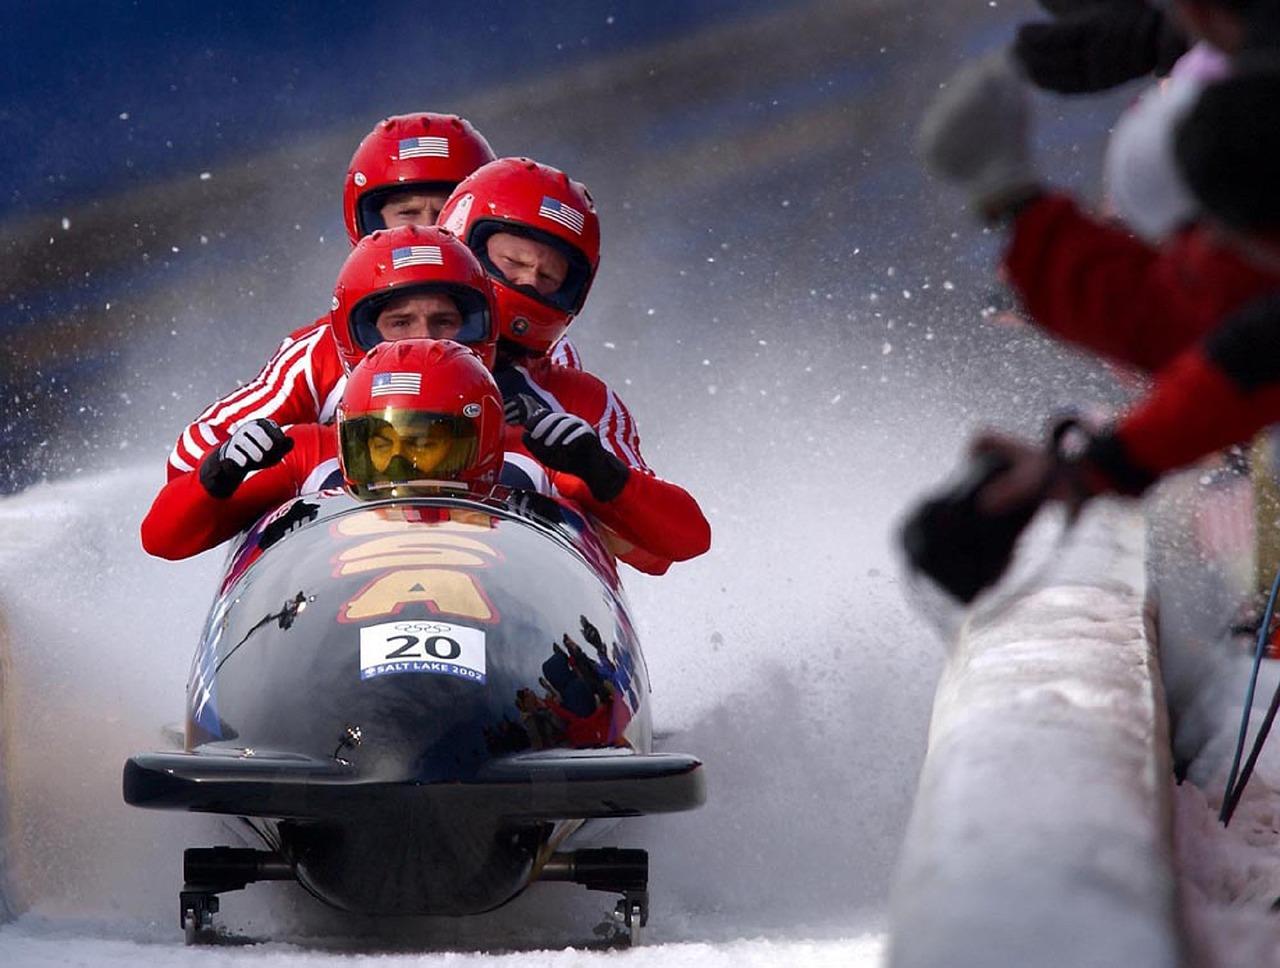 Olympische Bobschlitten erreichen besonders hohe Geschwindigkeiten